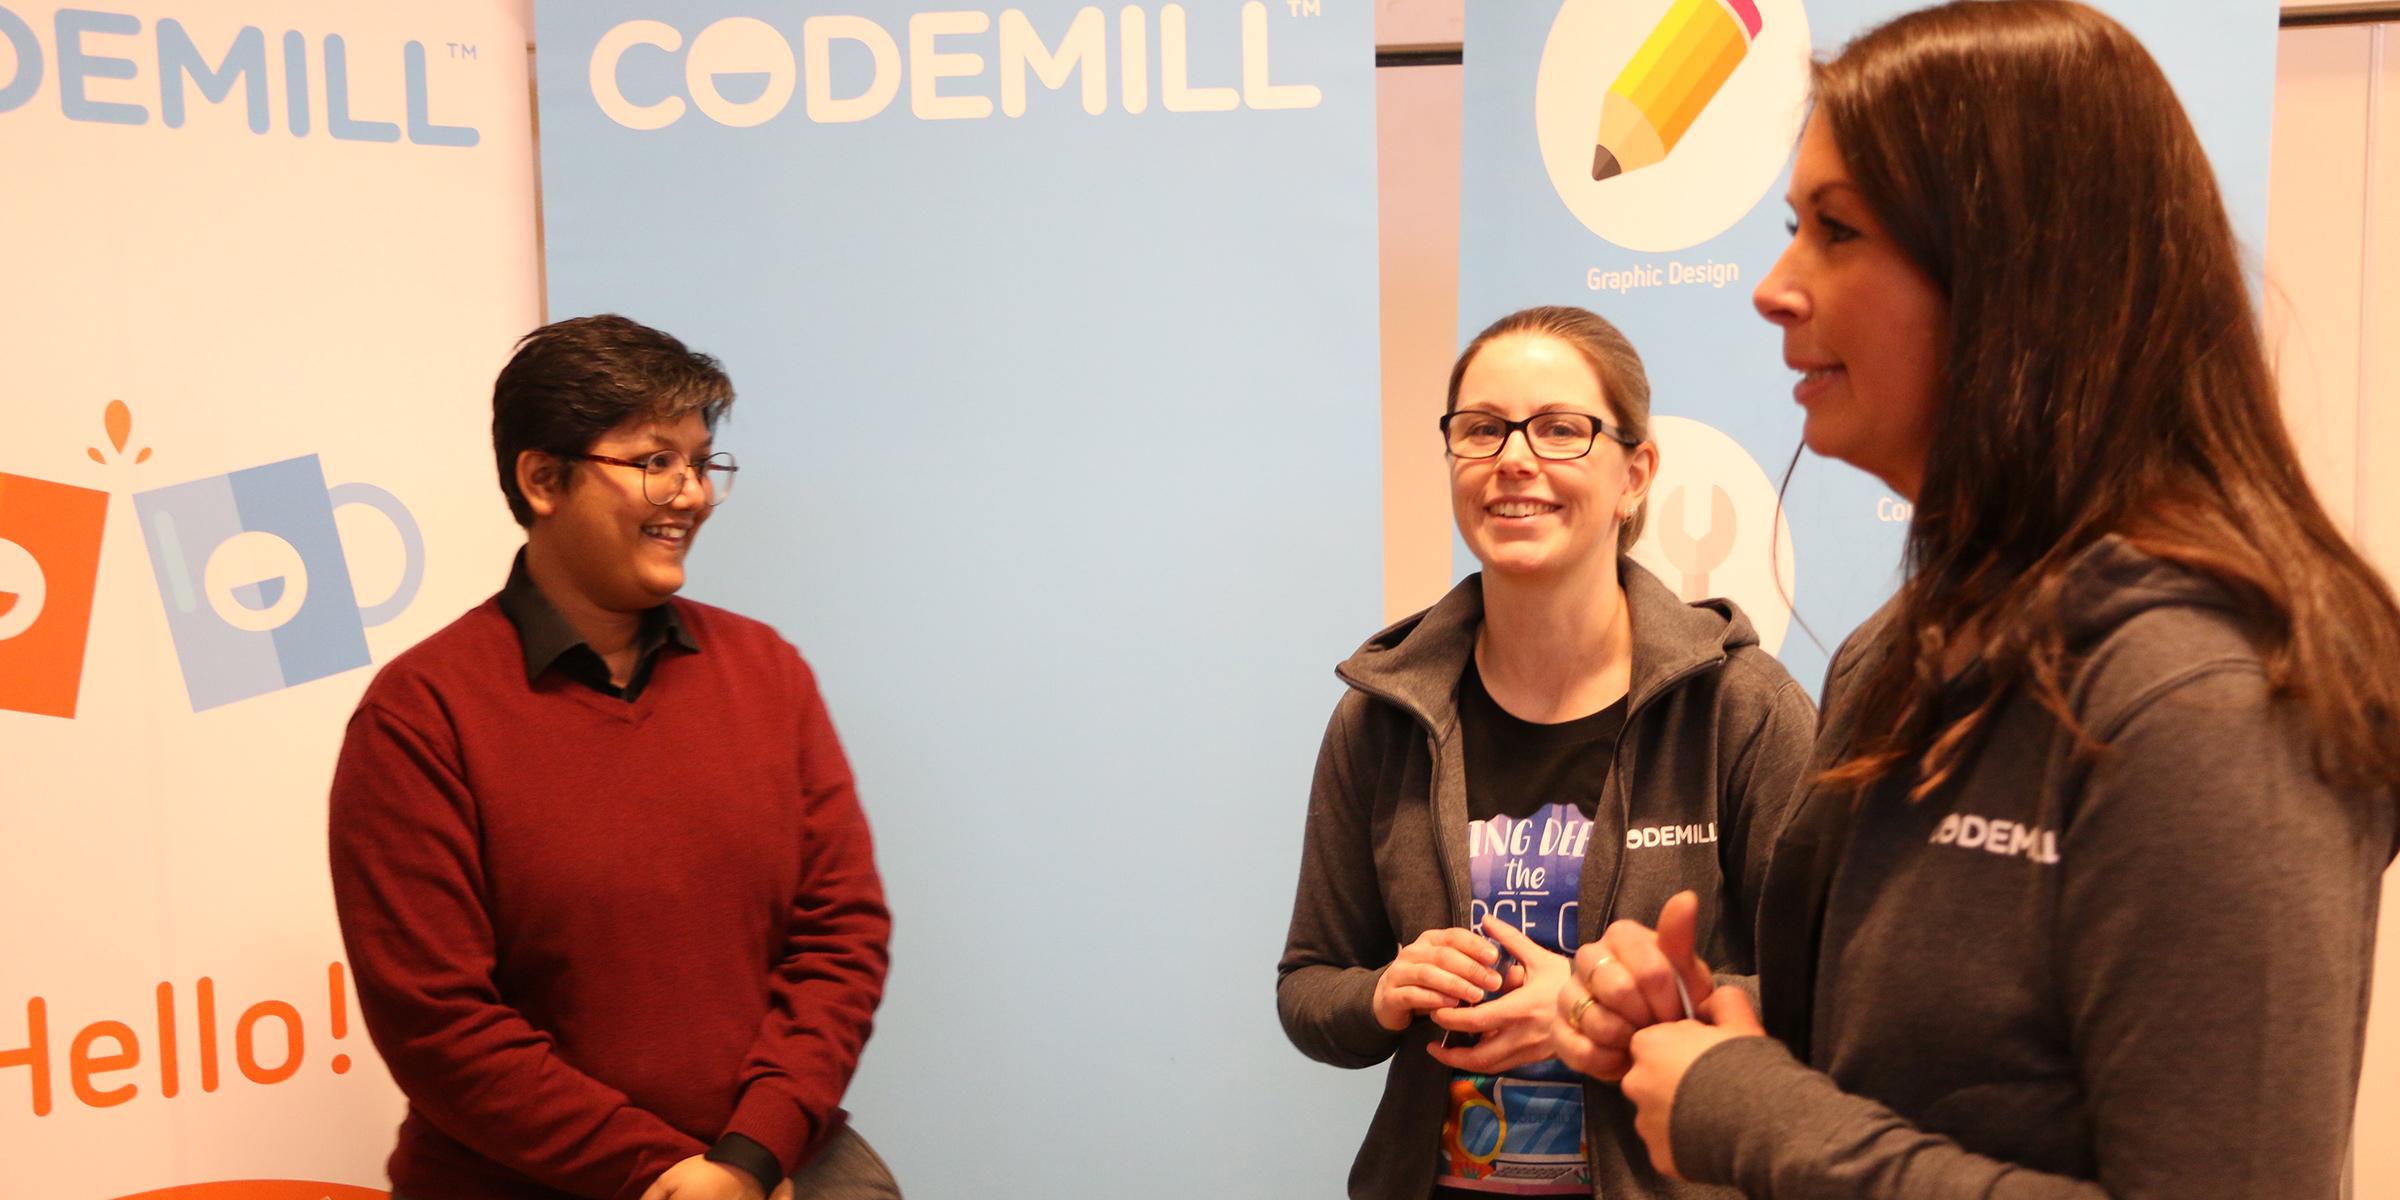 Codemill var ett av företagen som var på plats under Datatjej konferensen.